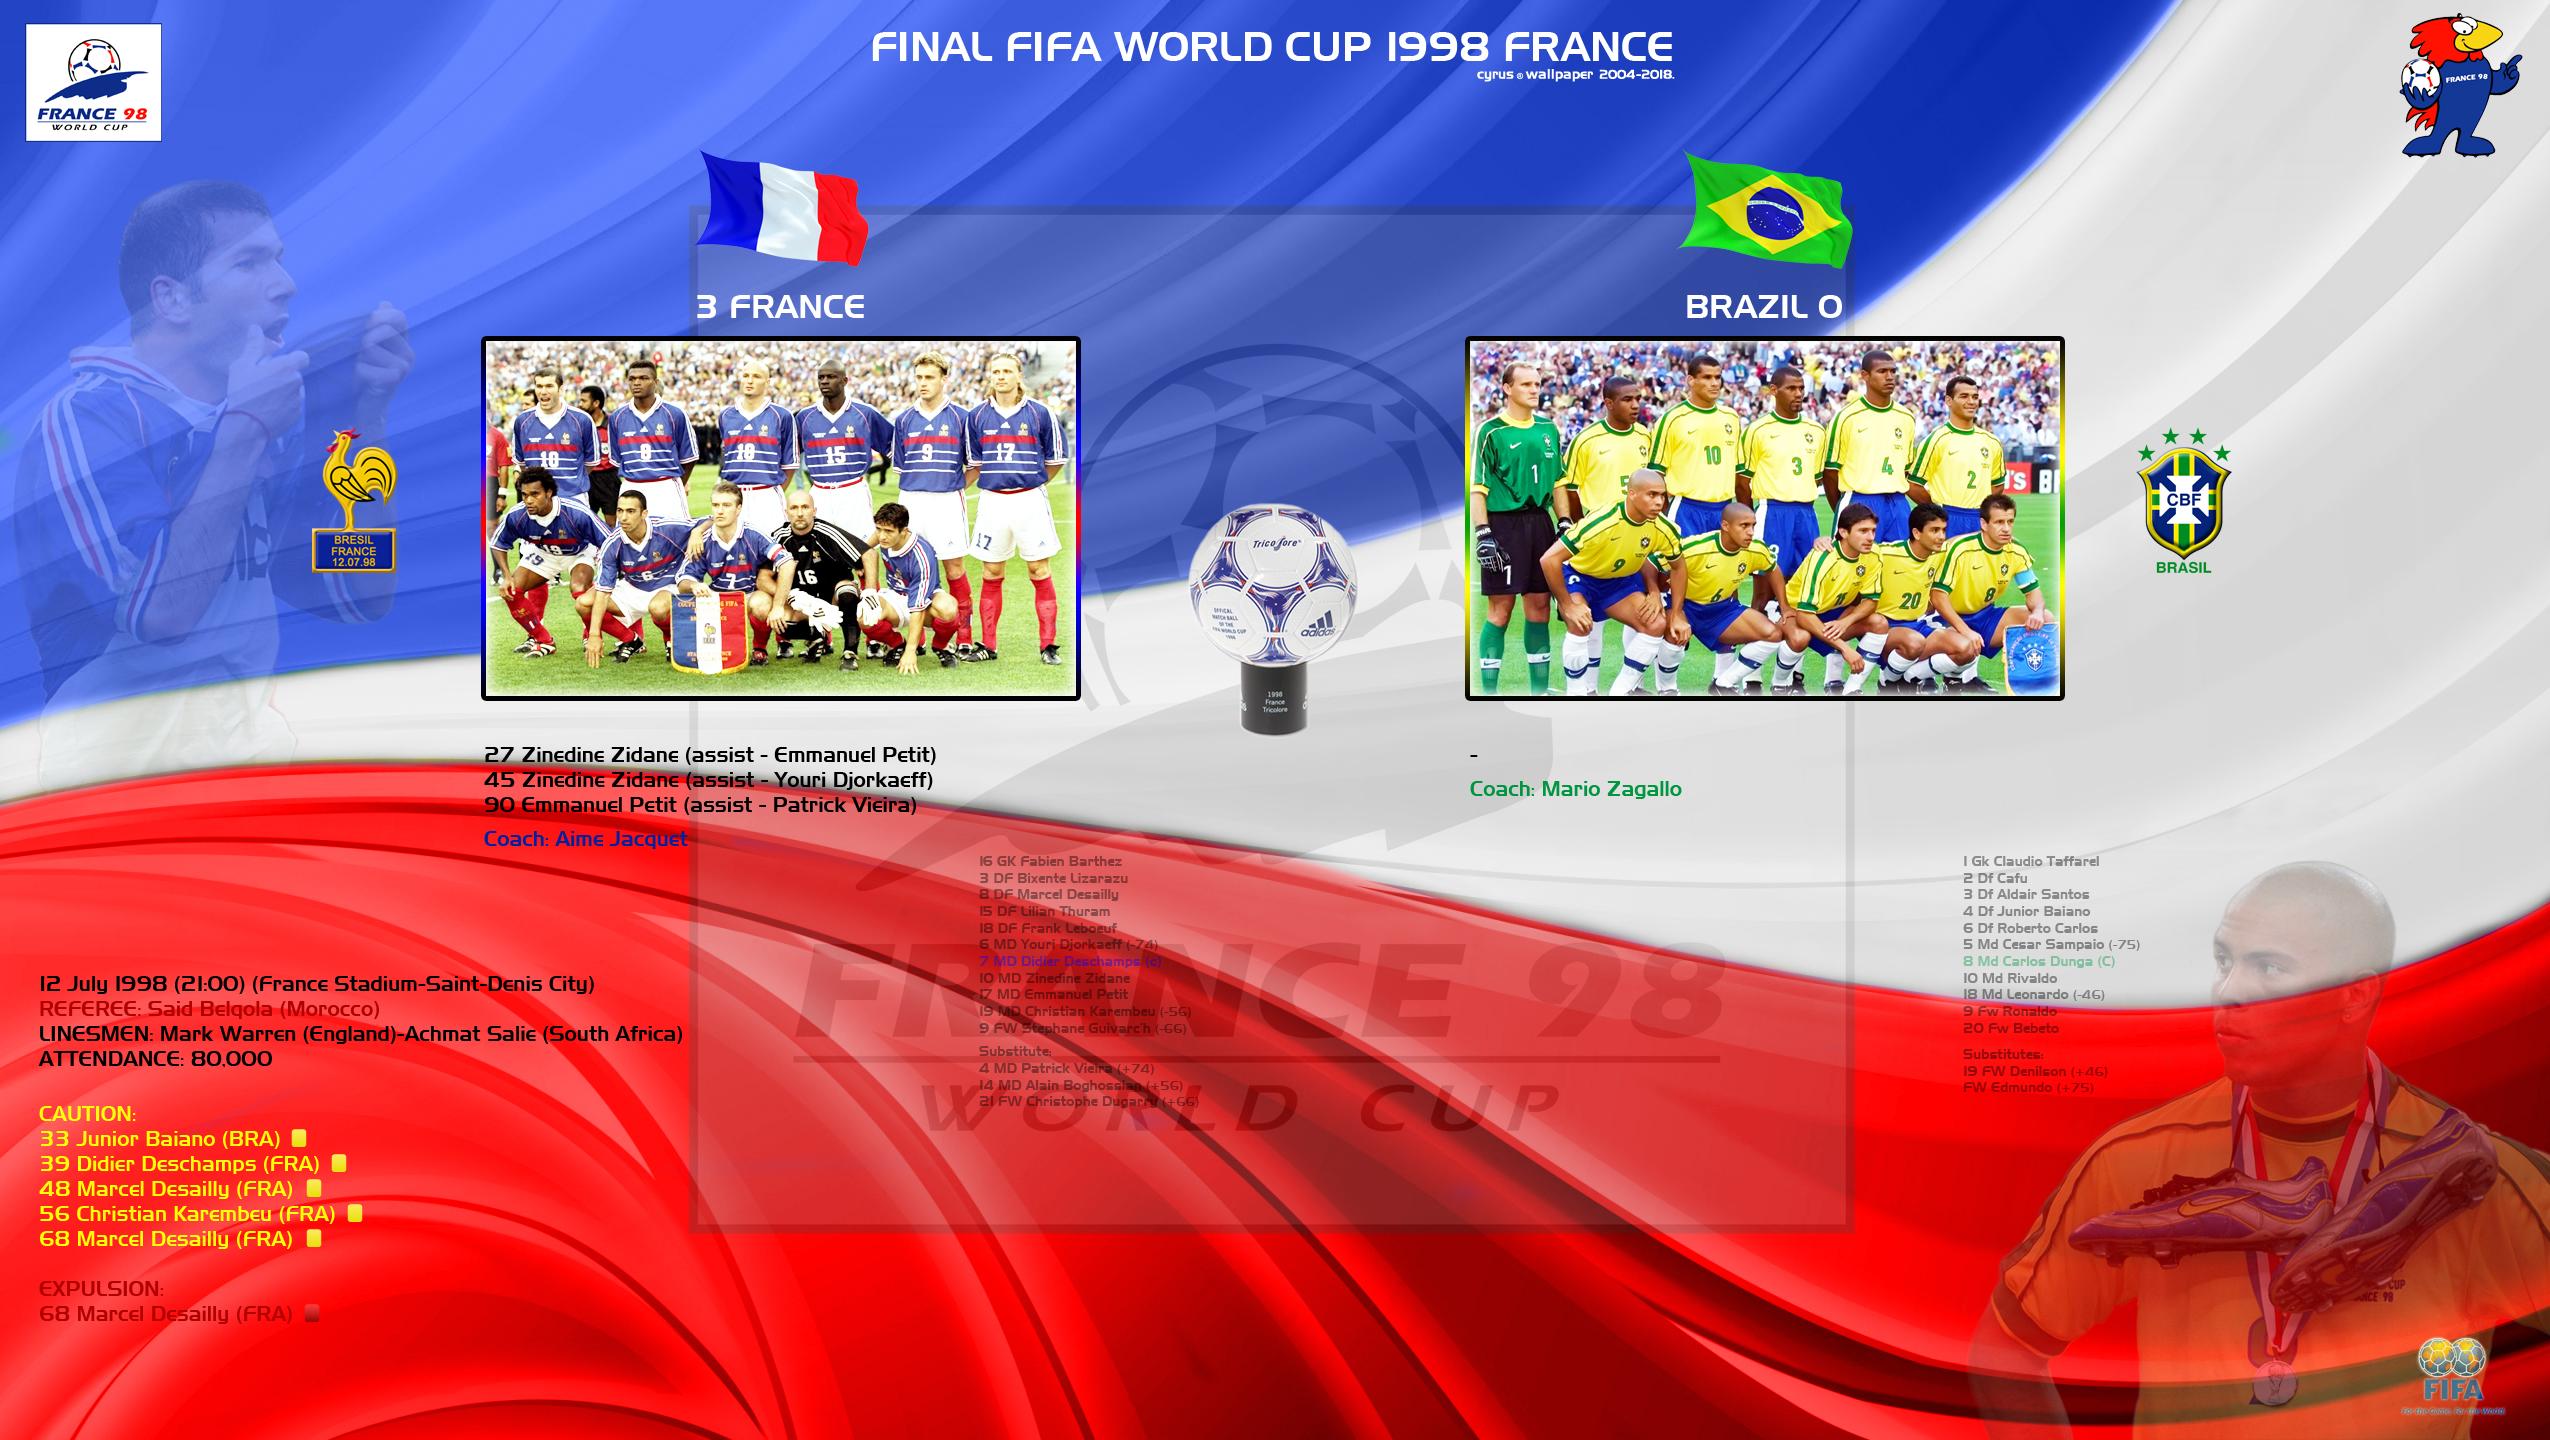 والپیپر فینال جام جهانی 1998 فرانسه